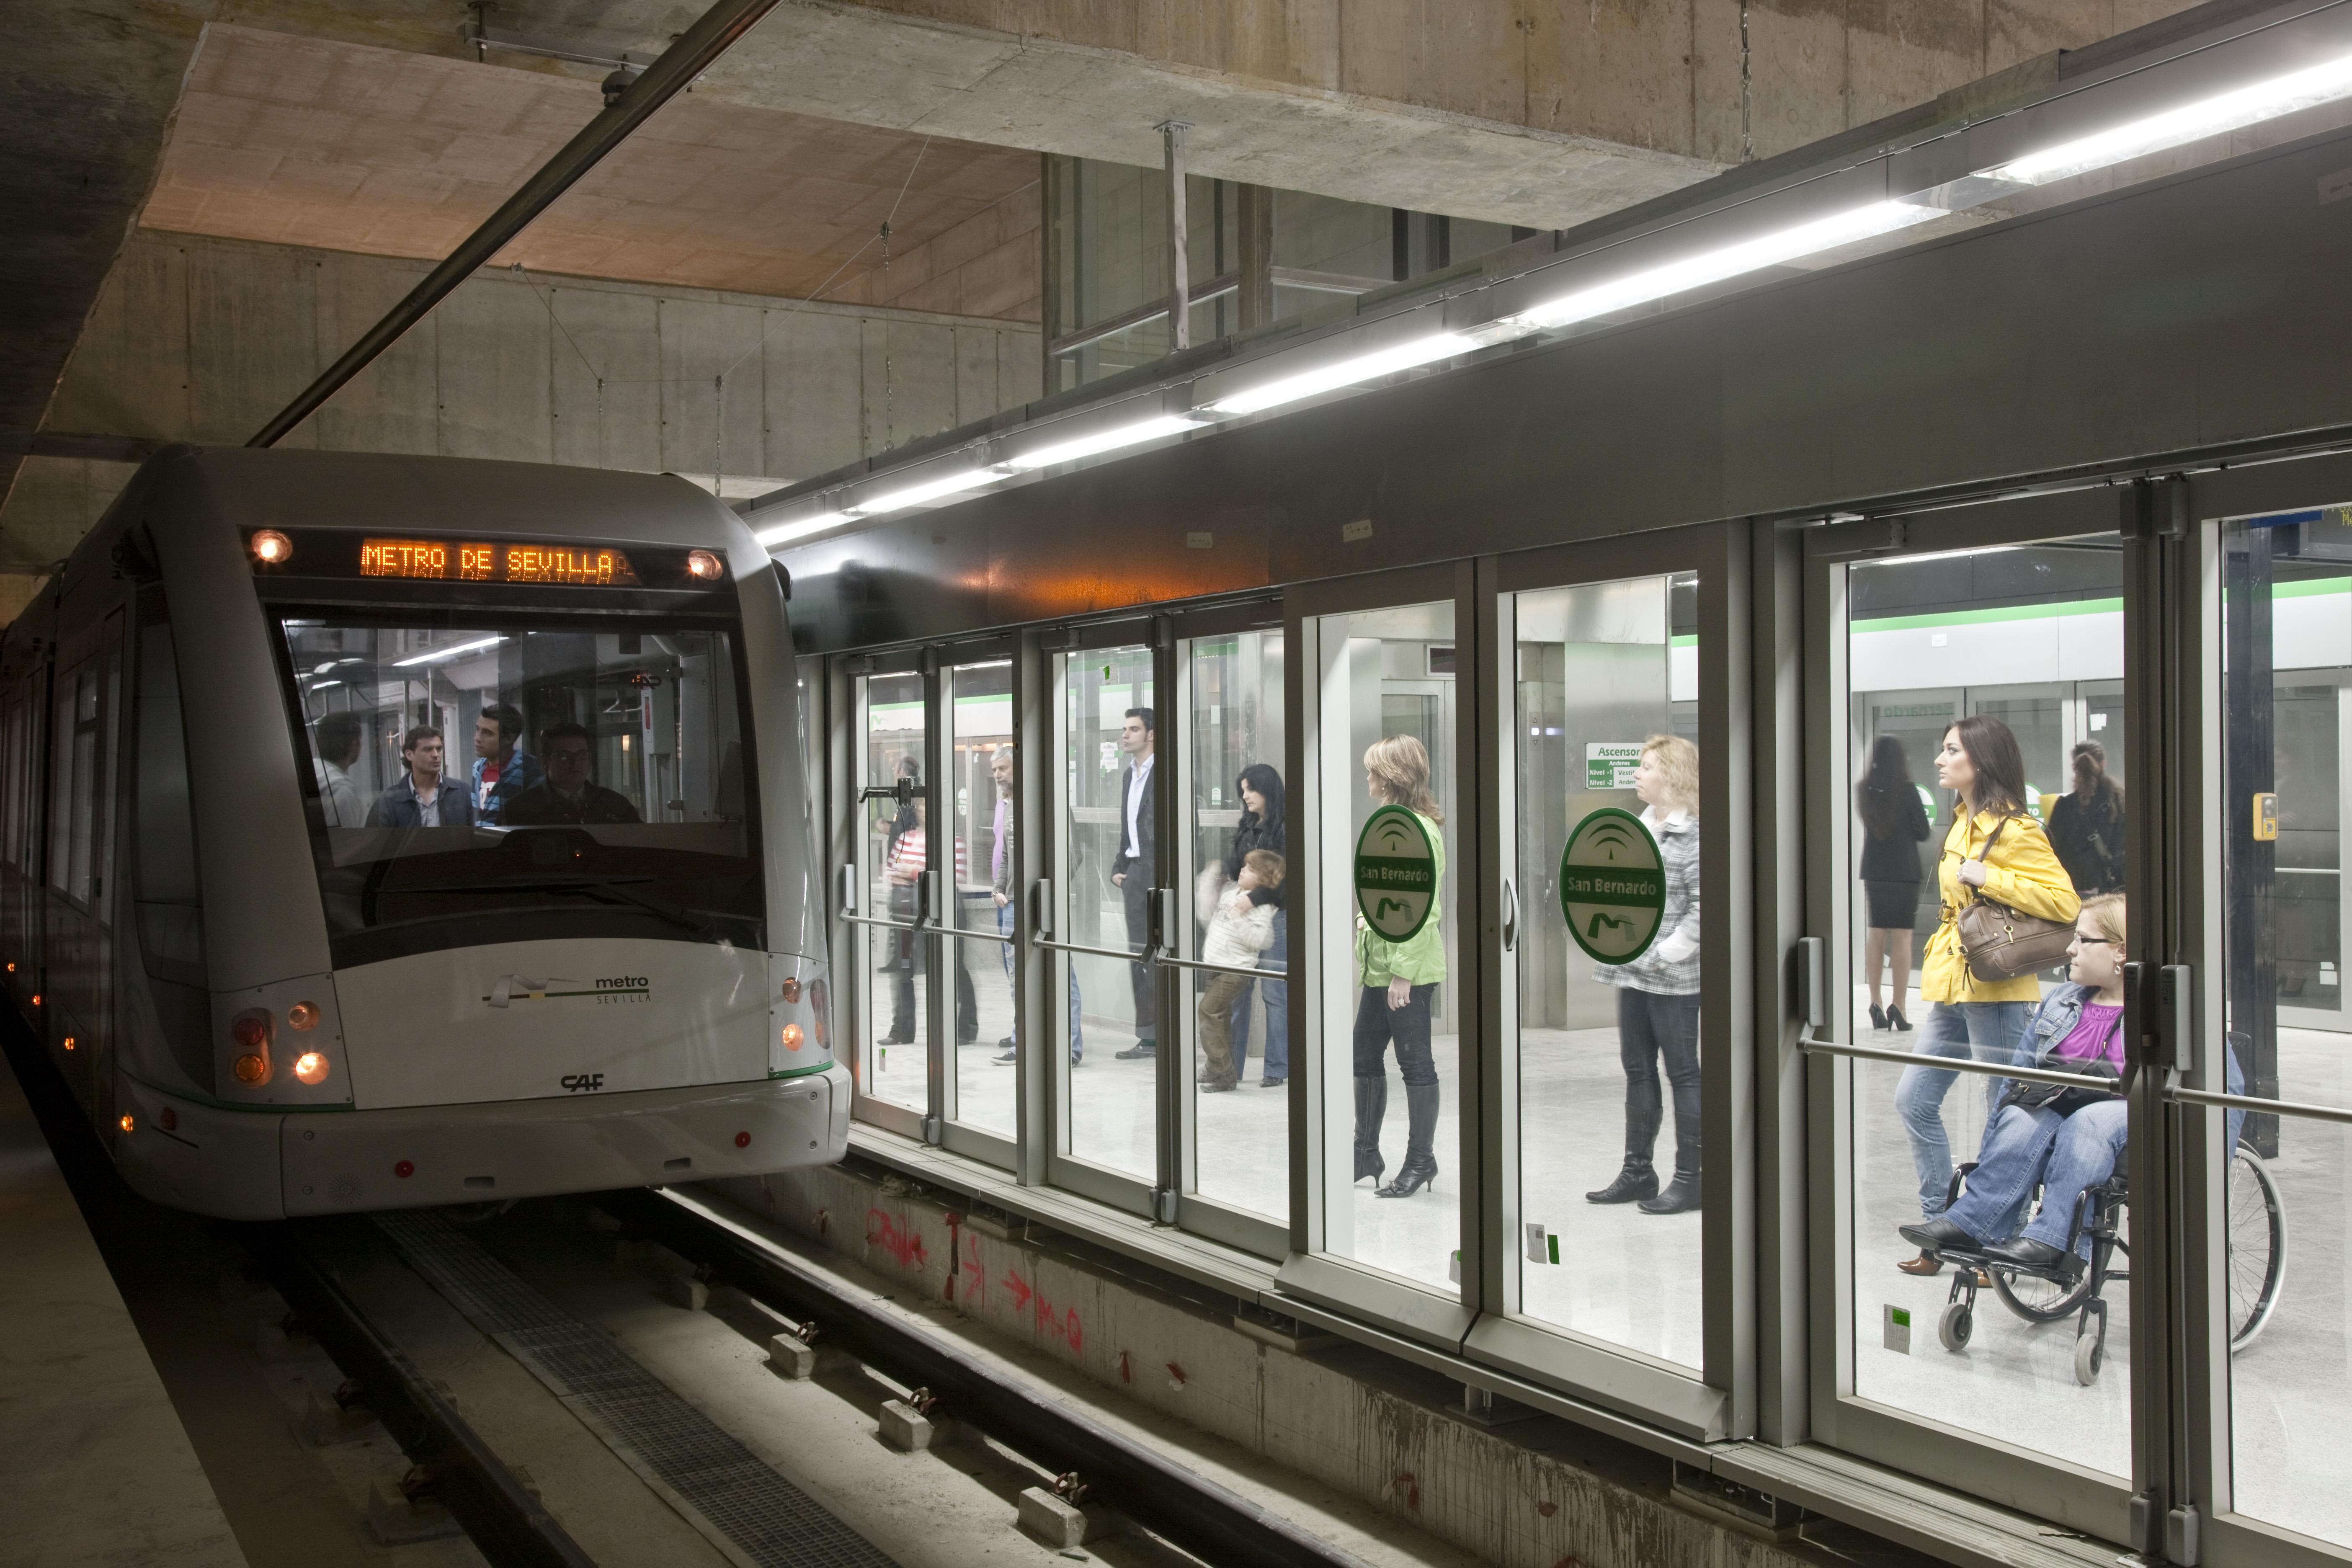 El metro de Sevilla cosechó el pasado año su cifra récord de viajeros, superando los 16 millones de usuarios.